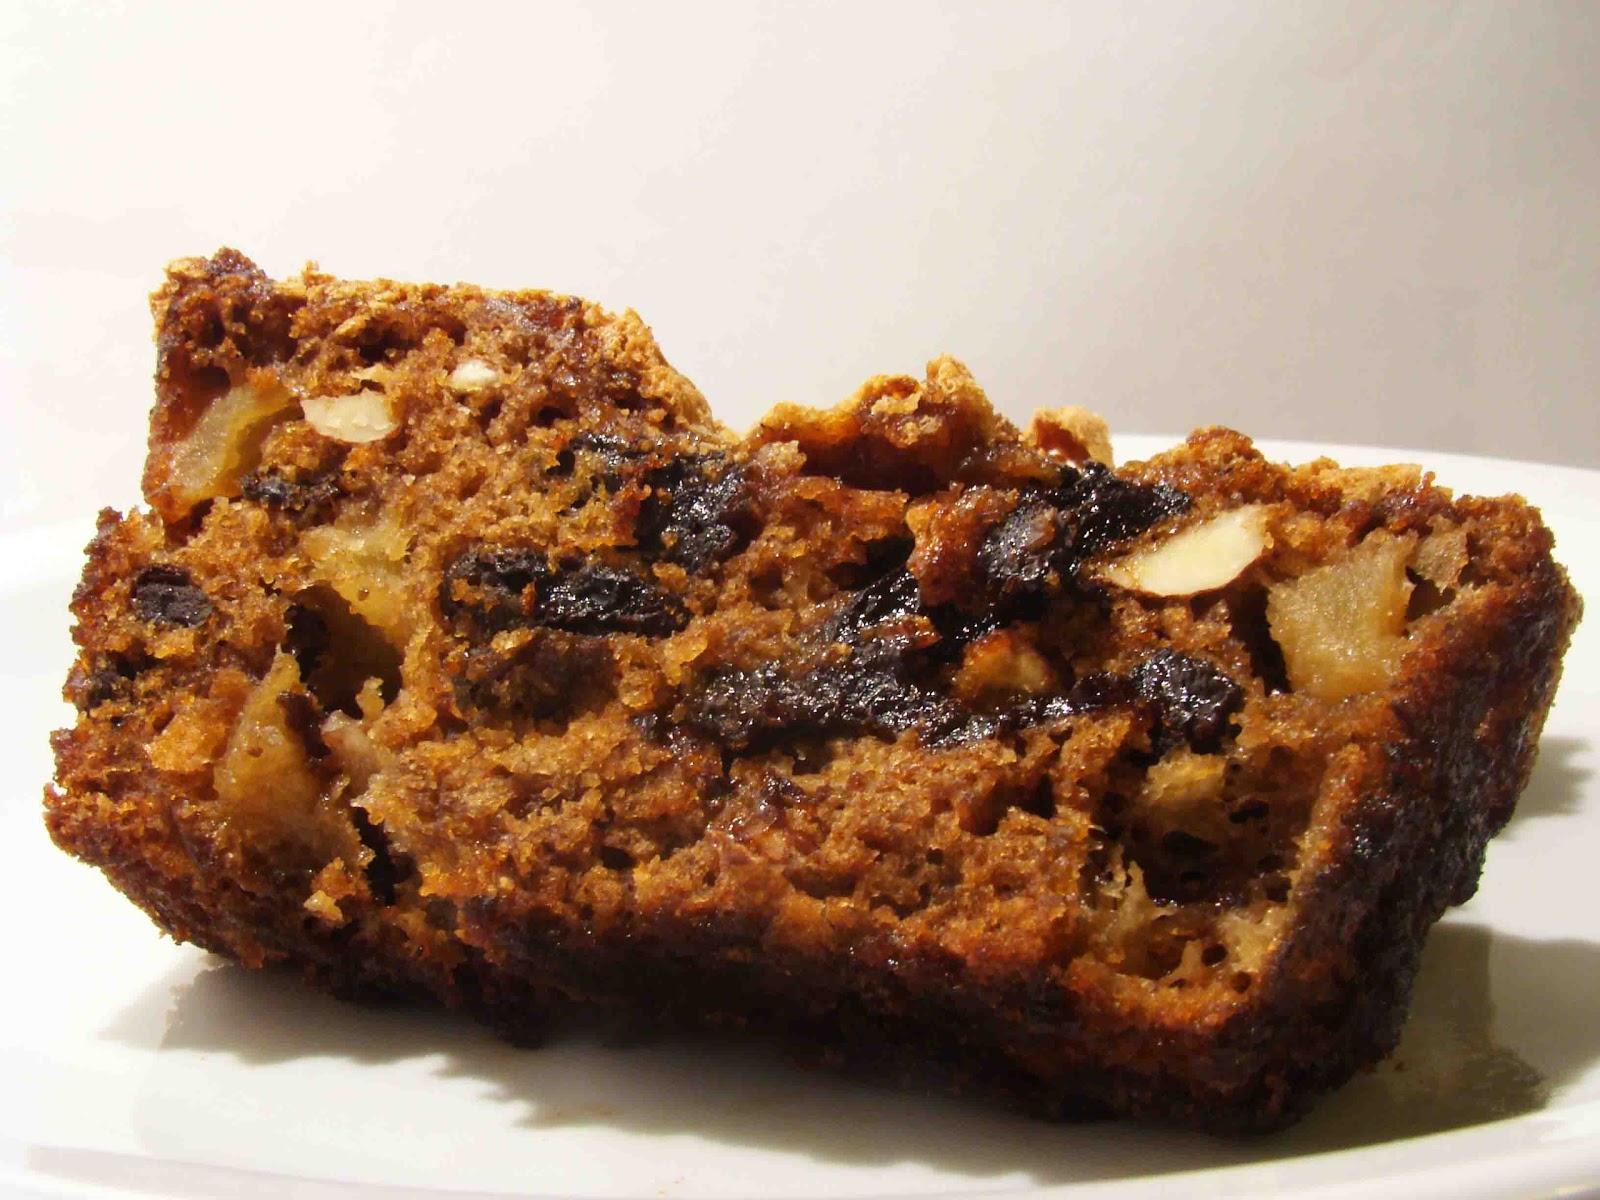 torta galesa cocineros argentinos